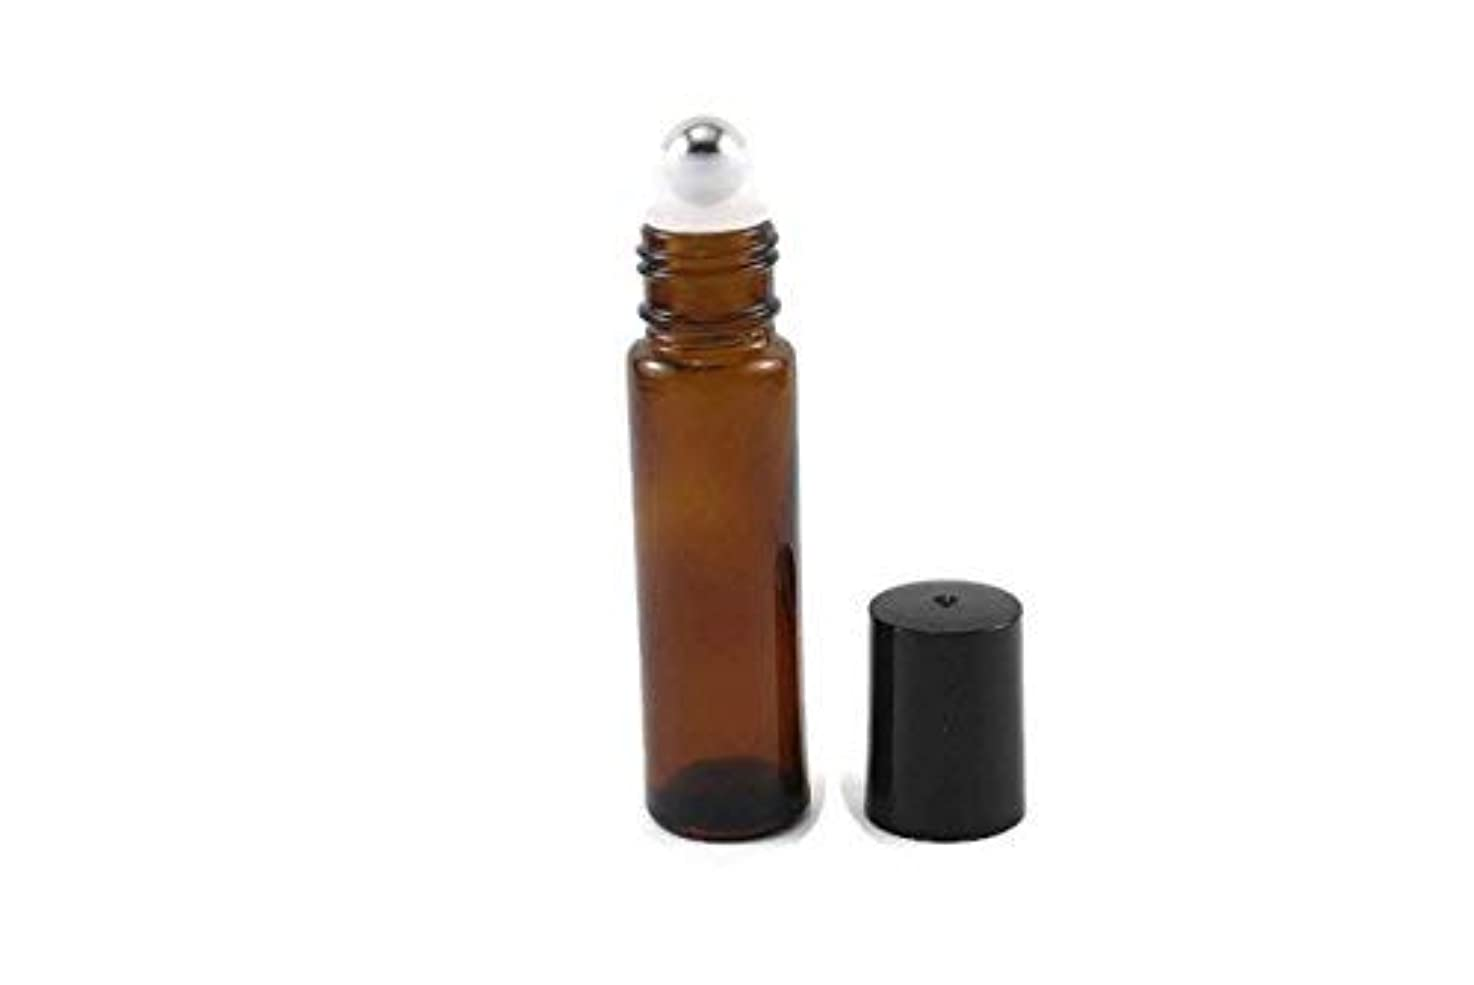 マントルモバイルモニター144-10ml Amber Glass Roll On Thick Bottles (144) with Stainless Steel Roller Balls - Refillable Aromatherapy Essential...